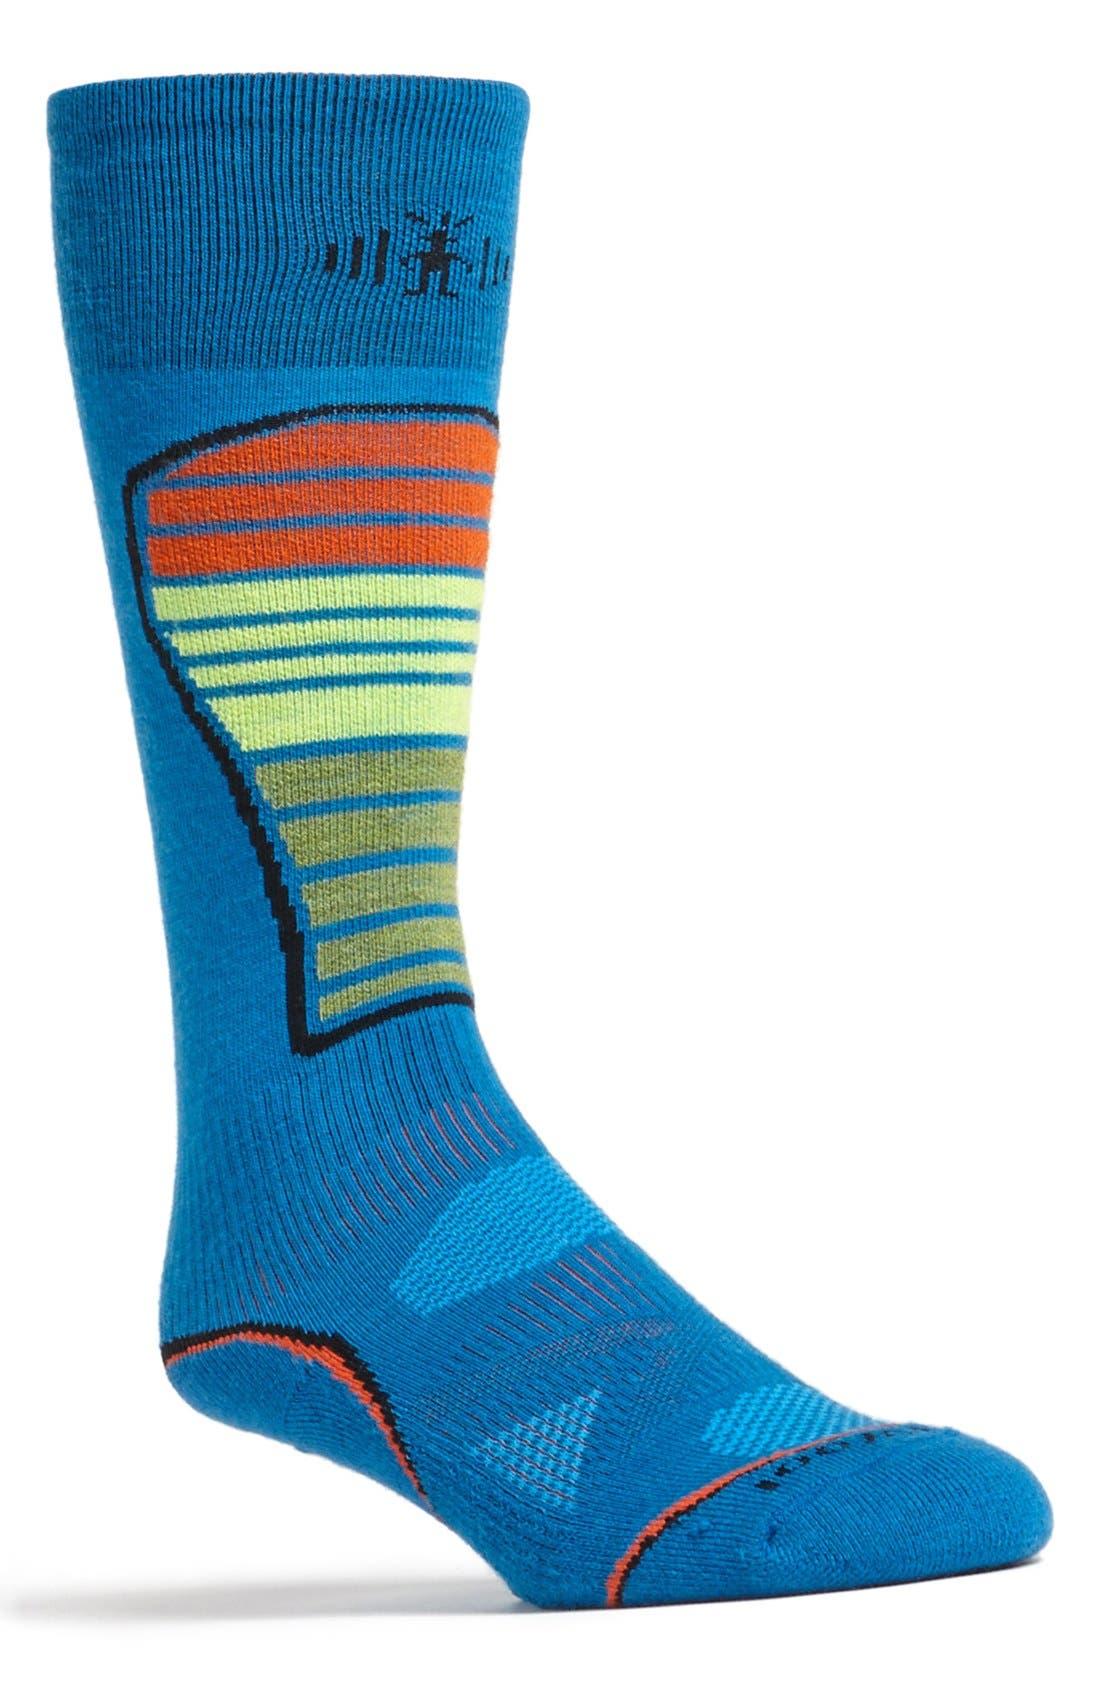 Alternate Image 1 Selected - Smartwool 'PhD - Light' Ski Socks